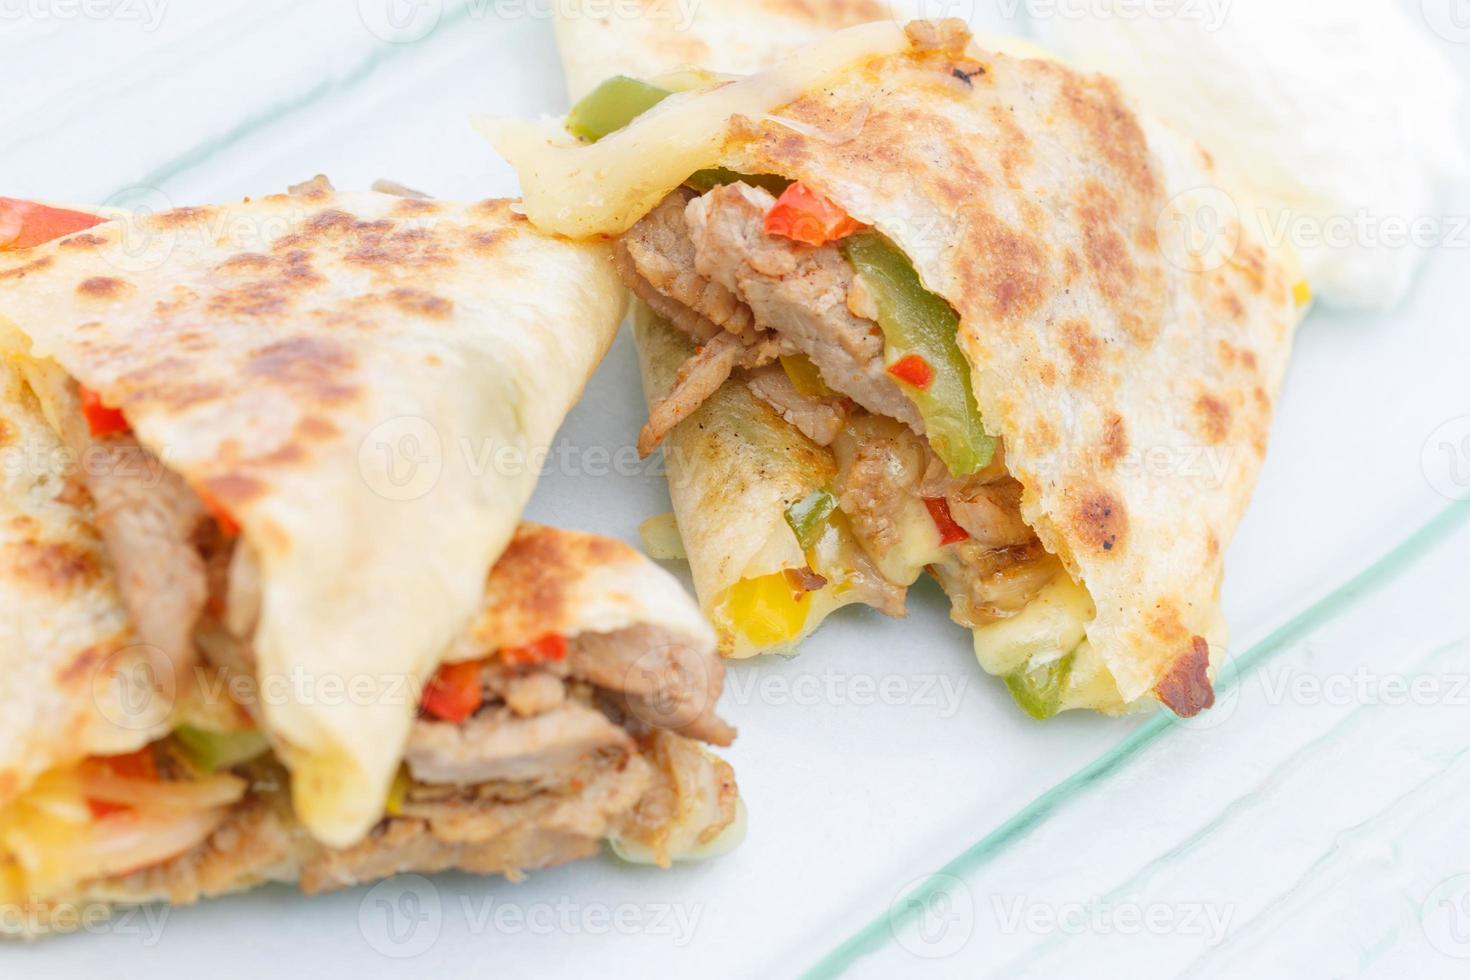 mexikansk quesadilla läcker internationell mat foto